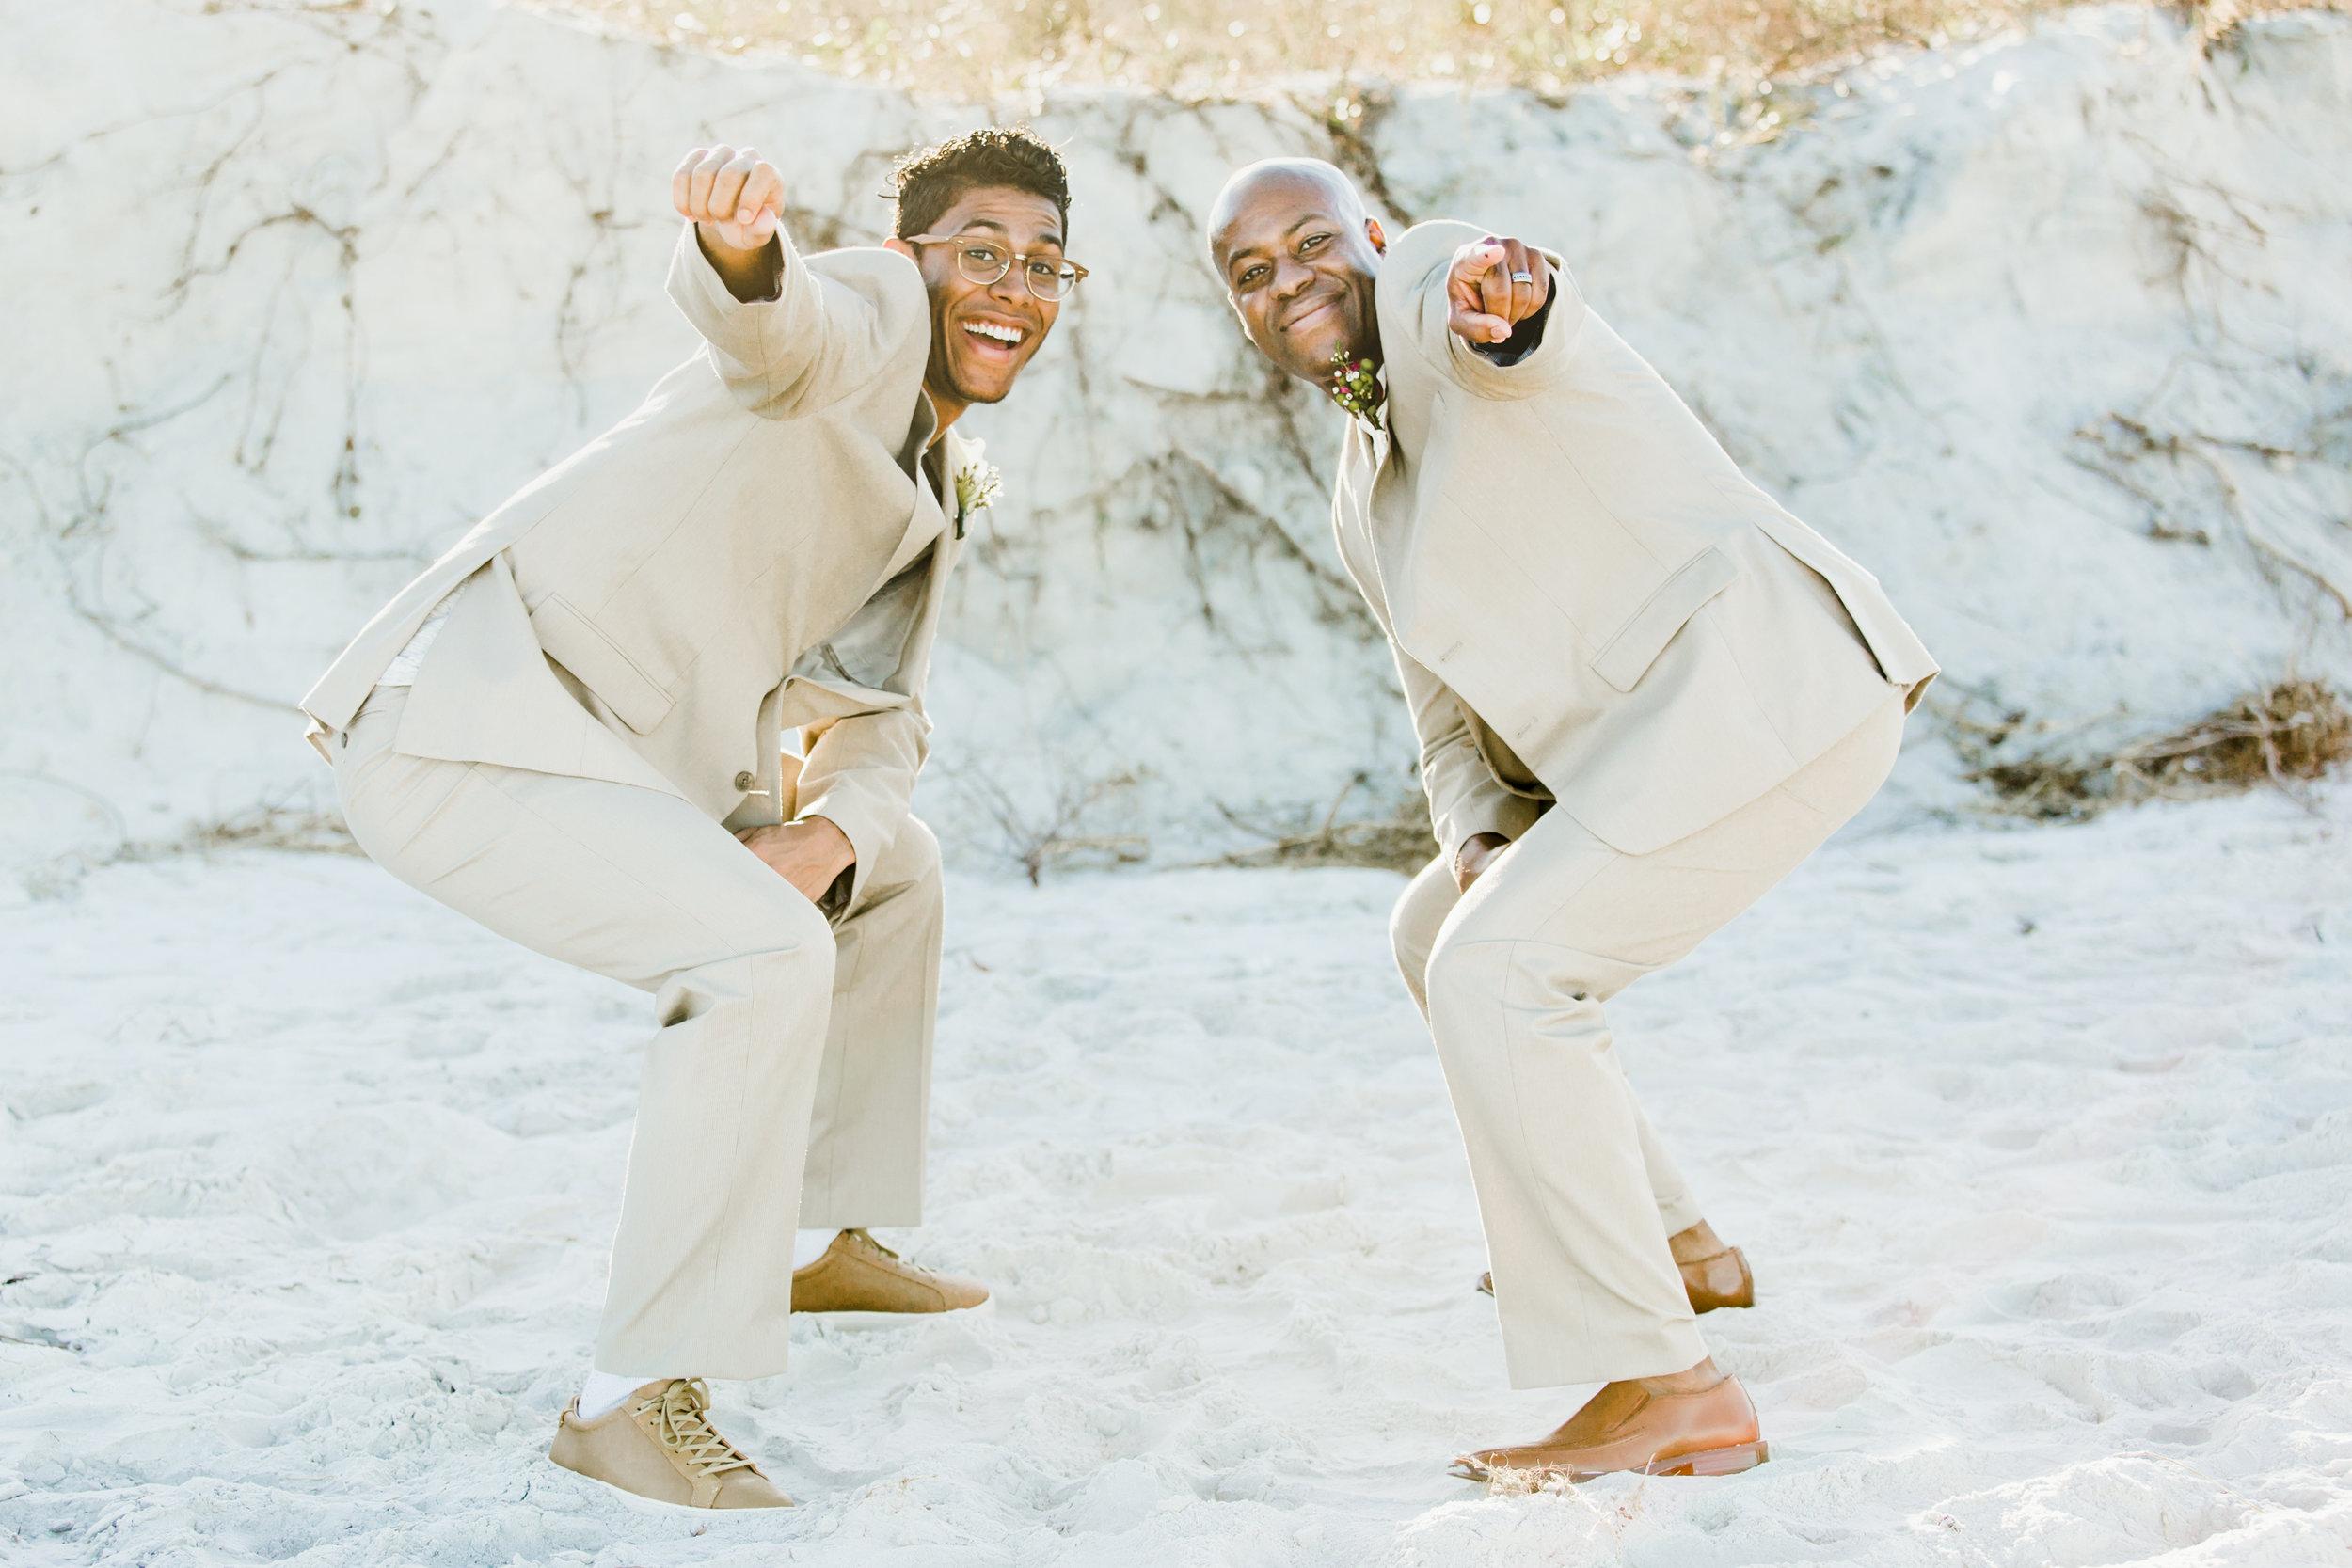 Violets & Seastars- November Ponce Inlet Wedding - Suzette & Dwight 107.jpg